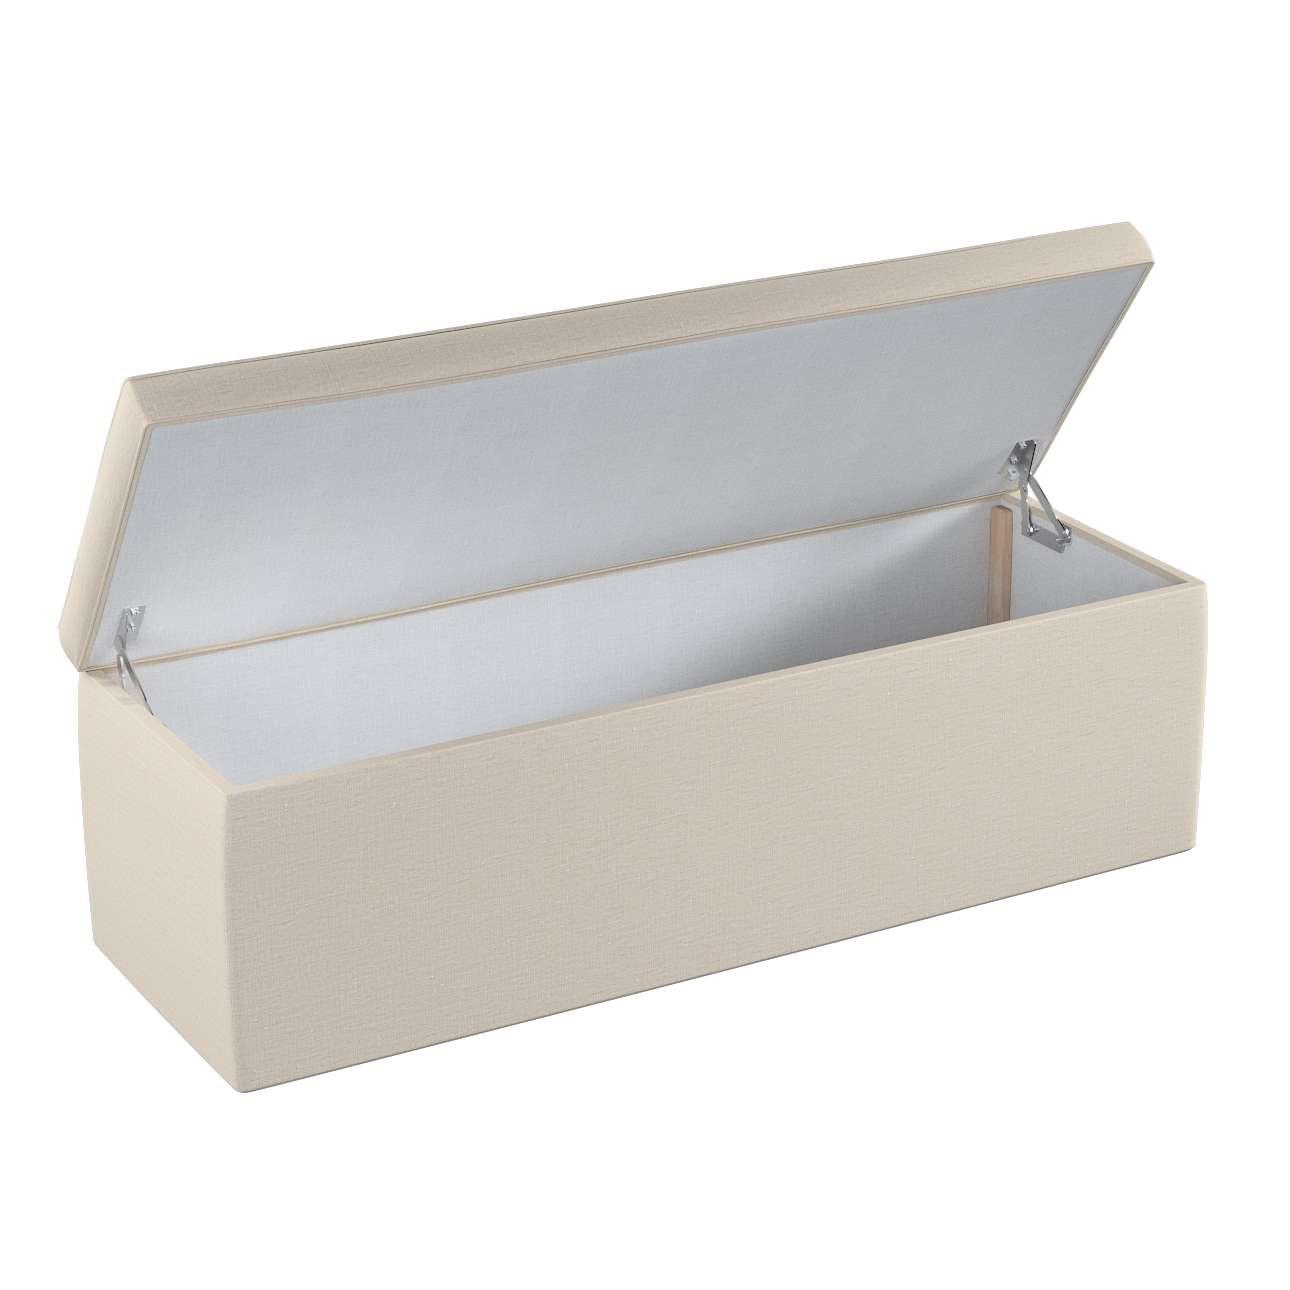 Dežė/skrynia/daiktadėžė 90 x 40 x 40 cm kolekcijoje Linen , audinys: 392-05